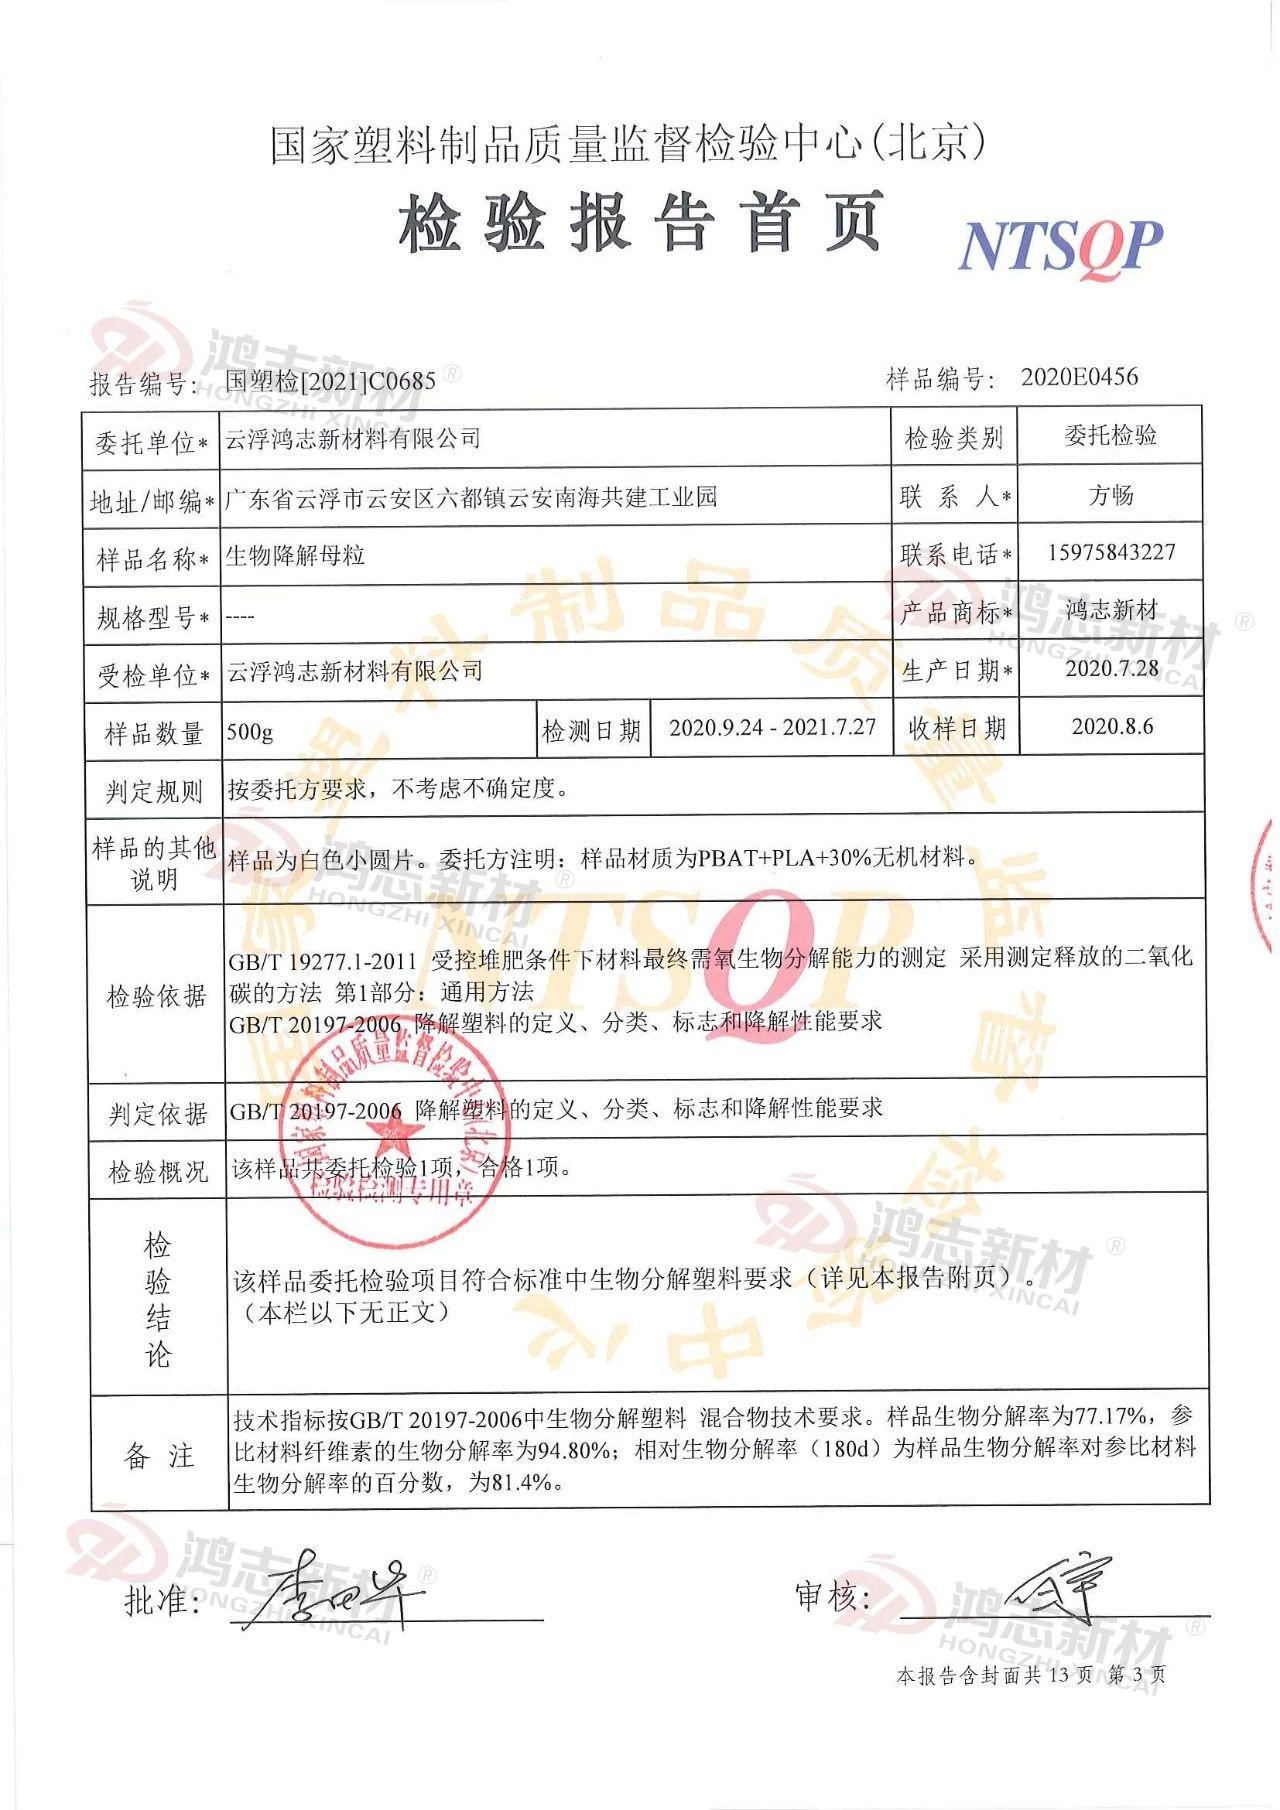 寰俊鍥剧墖_20210809094440.jpg